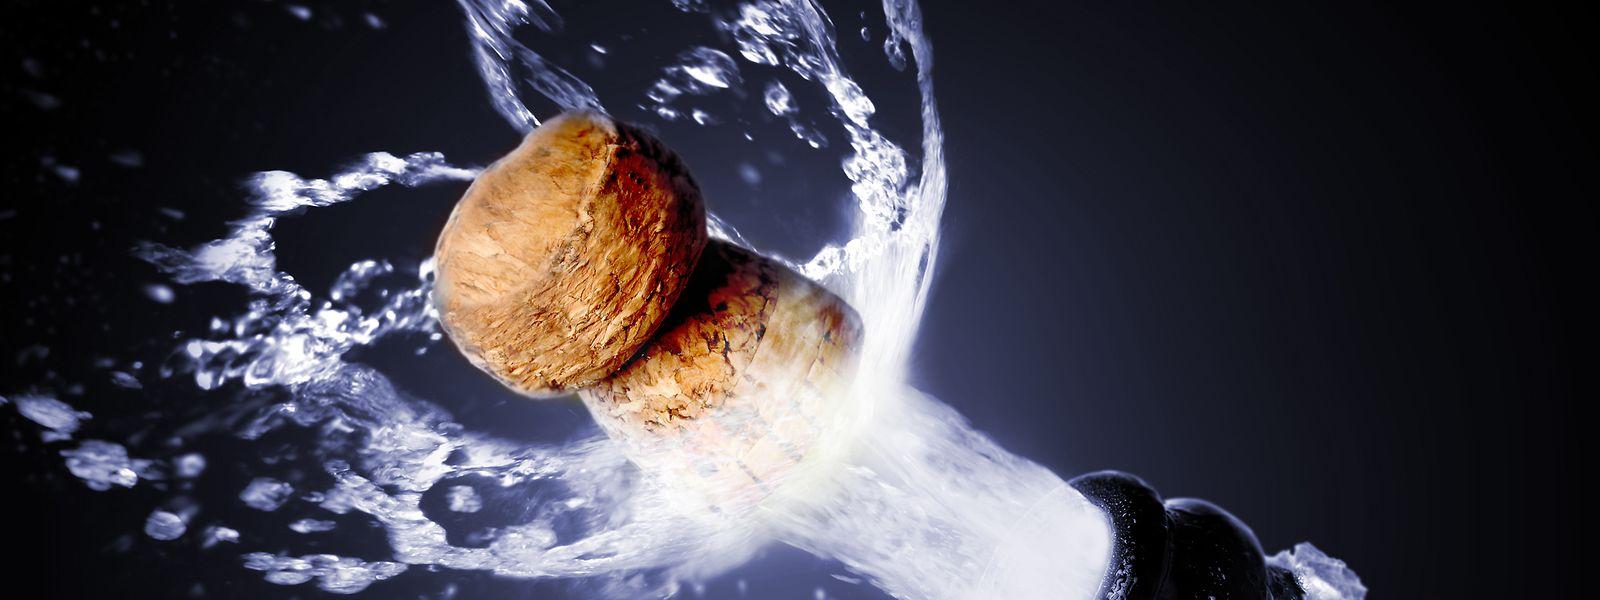 In Deckung! Der Korken von Champagner ploppt mit Geschwindigkeiten von bis zu 60 Kilometern pro Stunde in Richtung Decke.